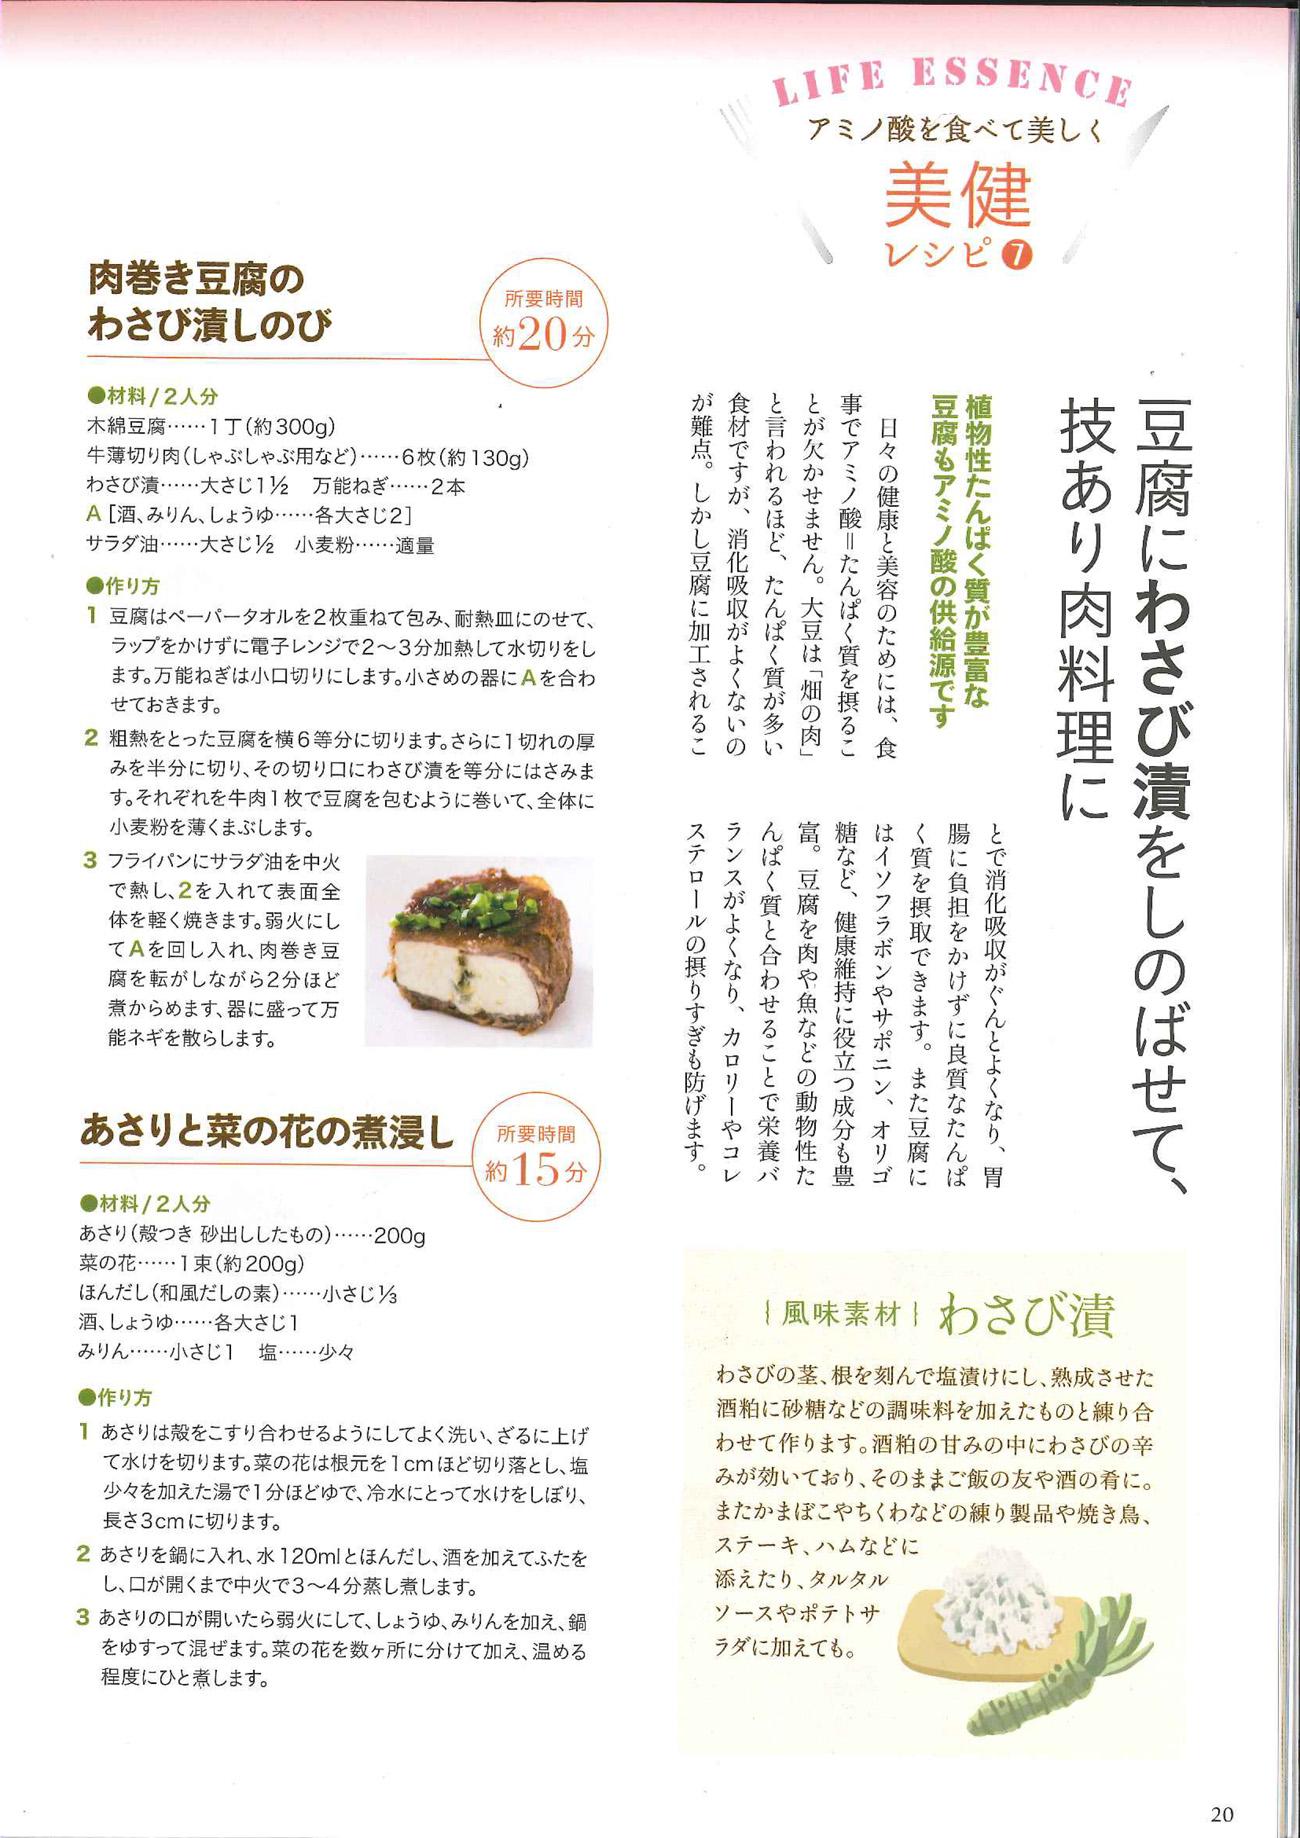 美健レシピ ~豆腐にわさび漬をしのばせて、技あり肉料理に~